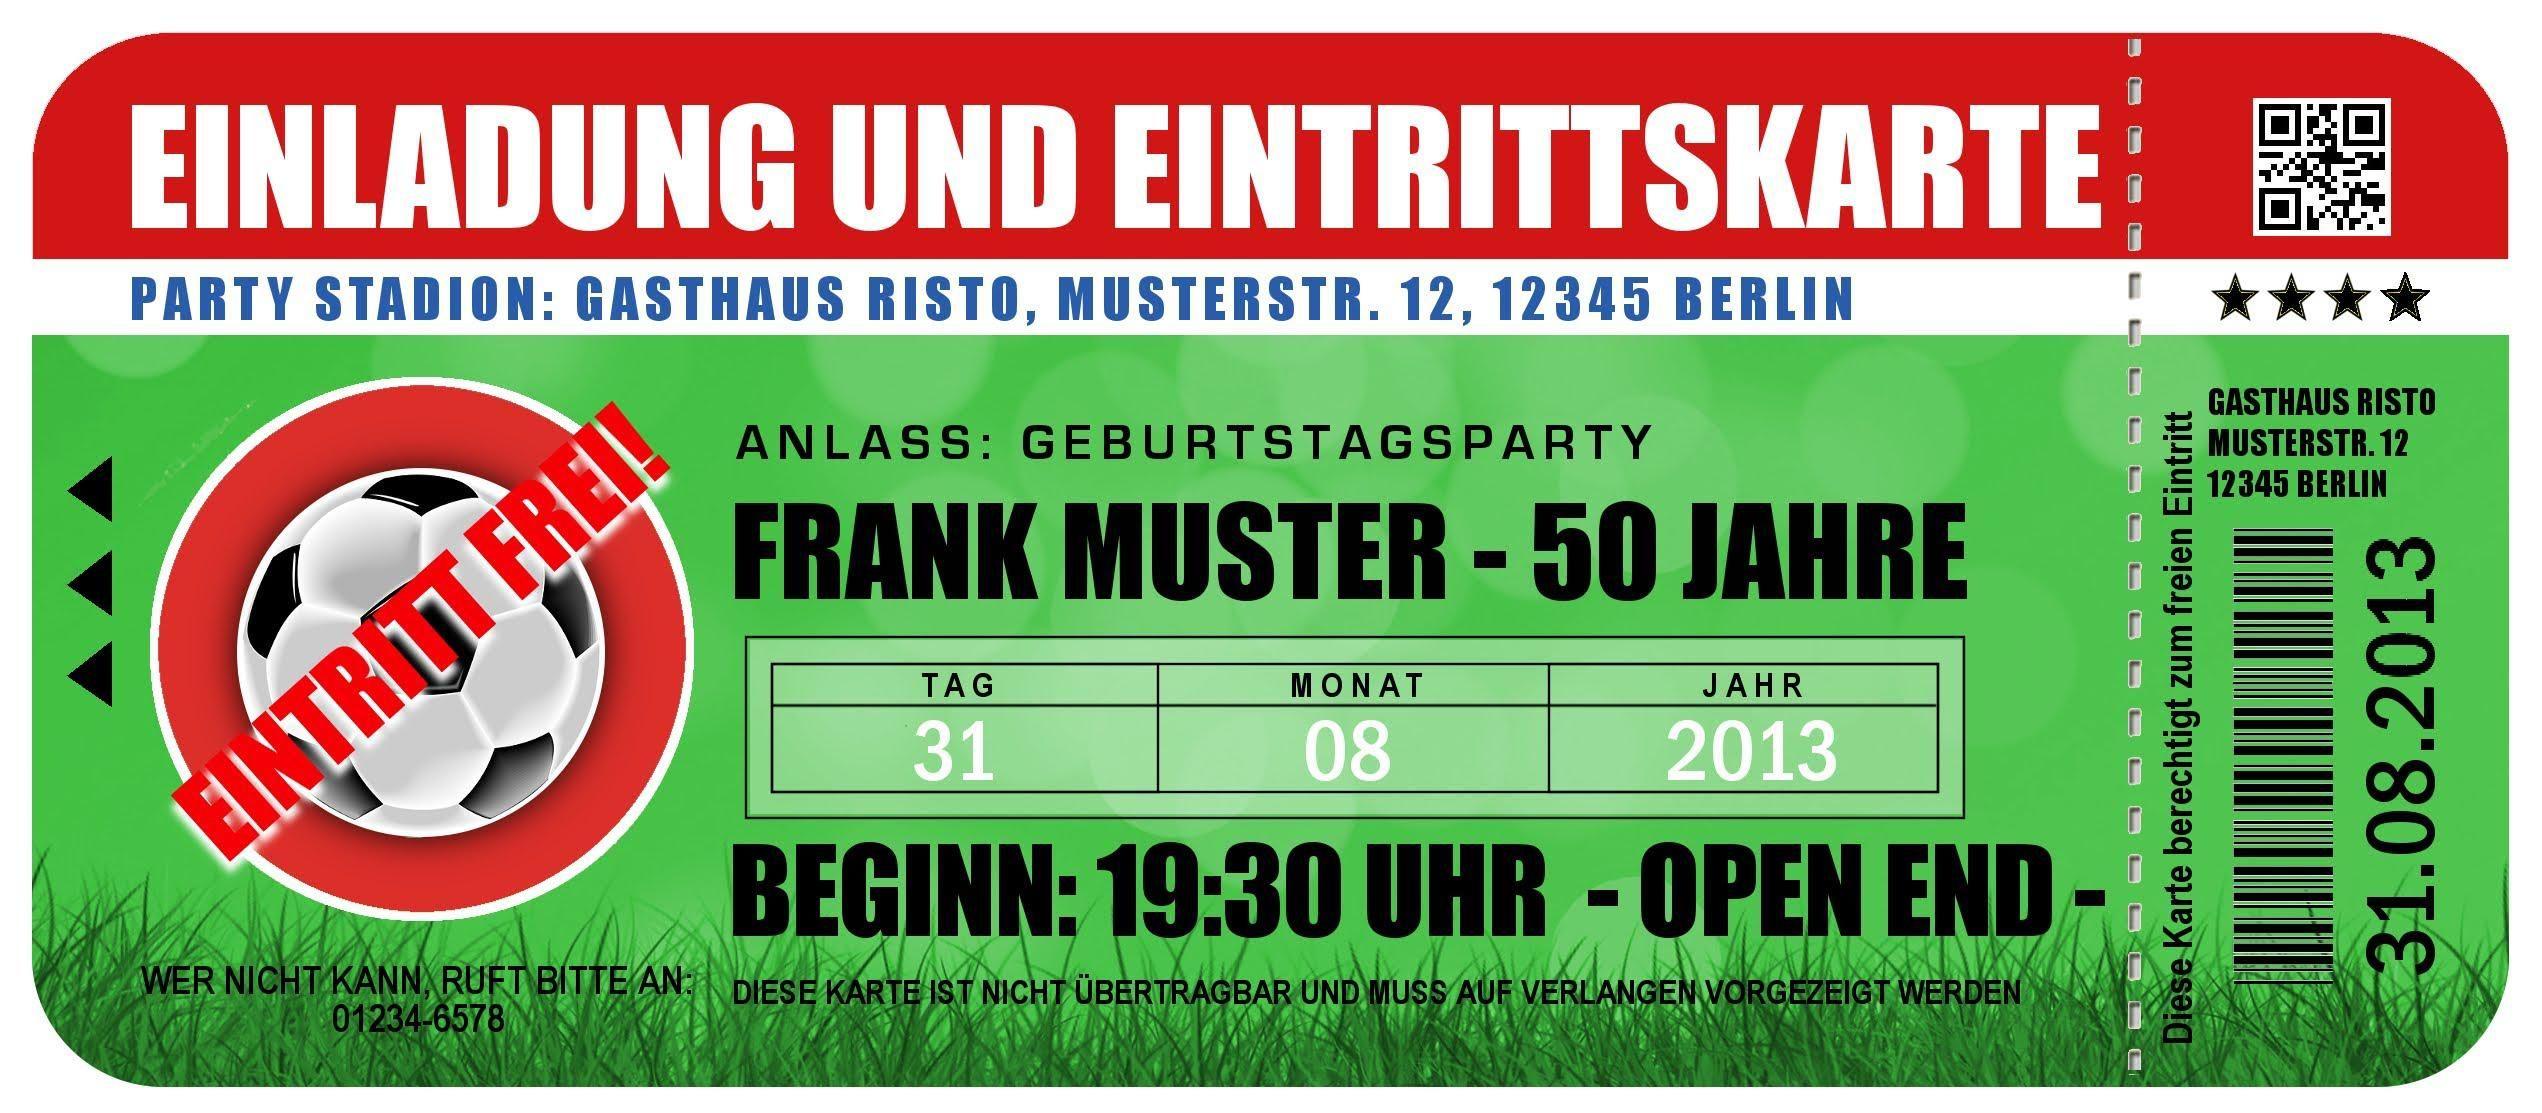 Witzige Einladungskarten Geburtstag #19: Meine-Einladungskarten.de, Der Hersteller Für Einzigartige  Geburtstagseinladungen. Wir Gestalten Und Drucken Individuelle  Einladungskarten Zum Geburtstag.